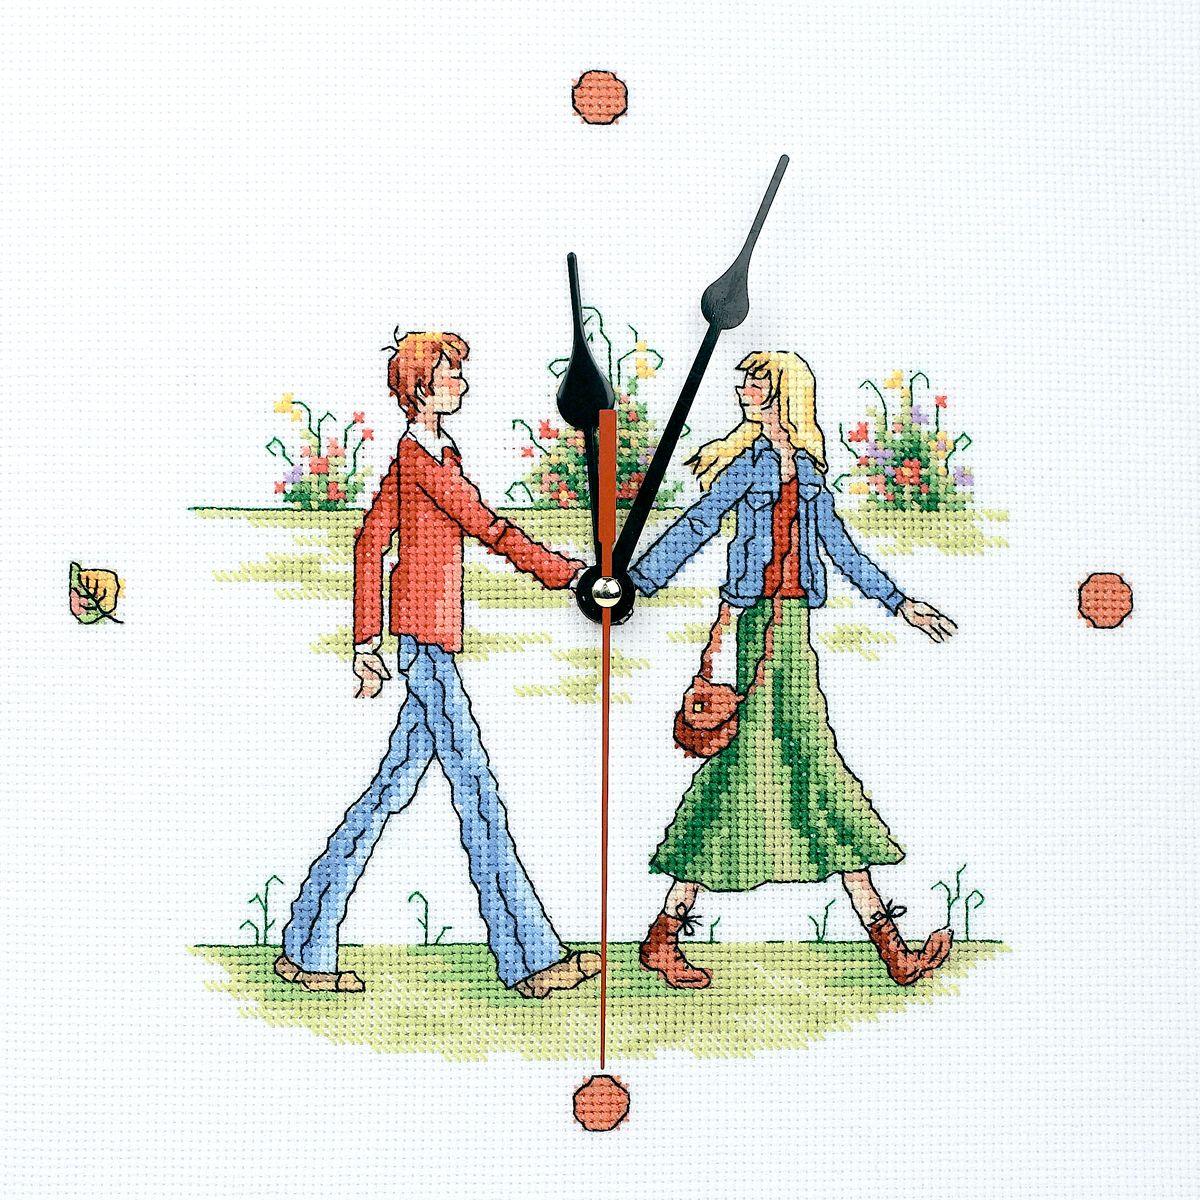 Набор для вышивания RTO Соединяя руки, 25 см х 25 см. M40003M40003Мулине на карте, разобранное по цветам, канва, символьная схема, игла, инструкция, часовой механизм со стрелками